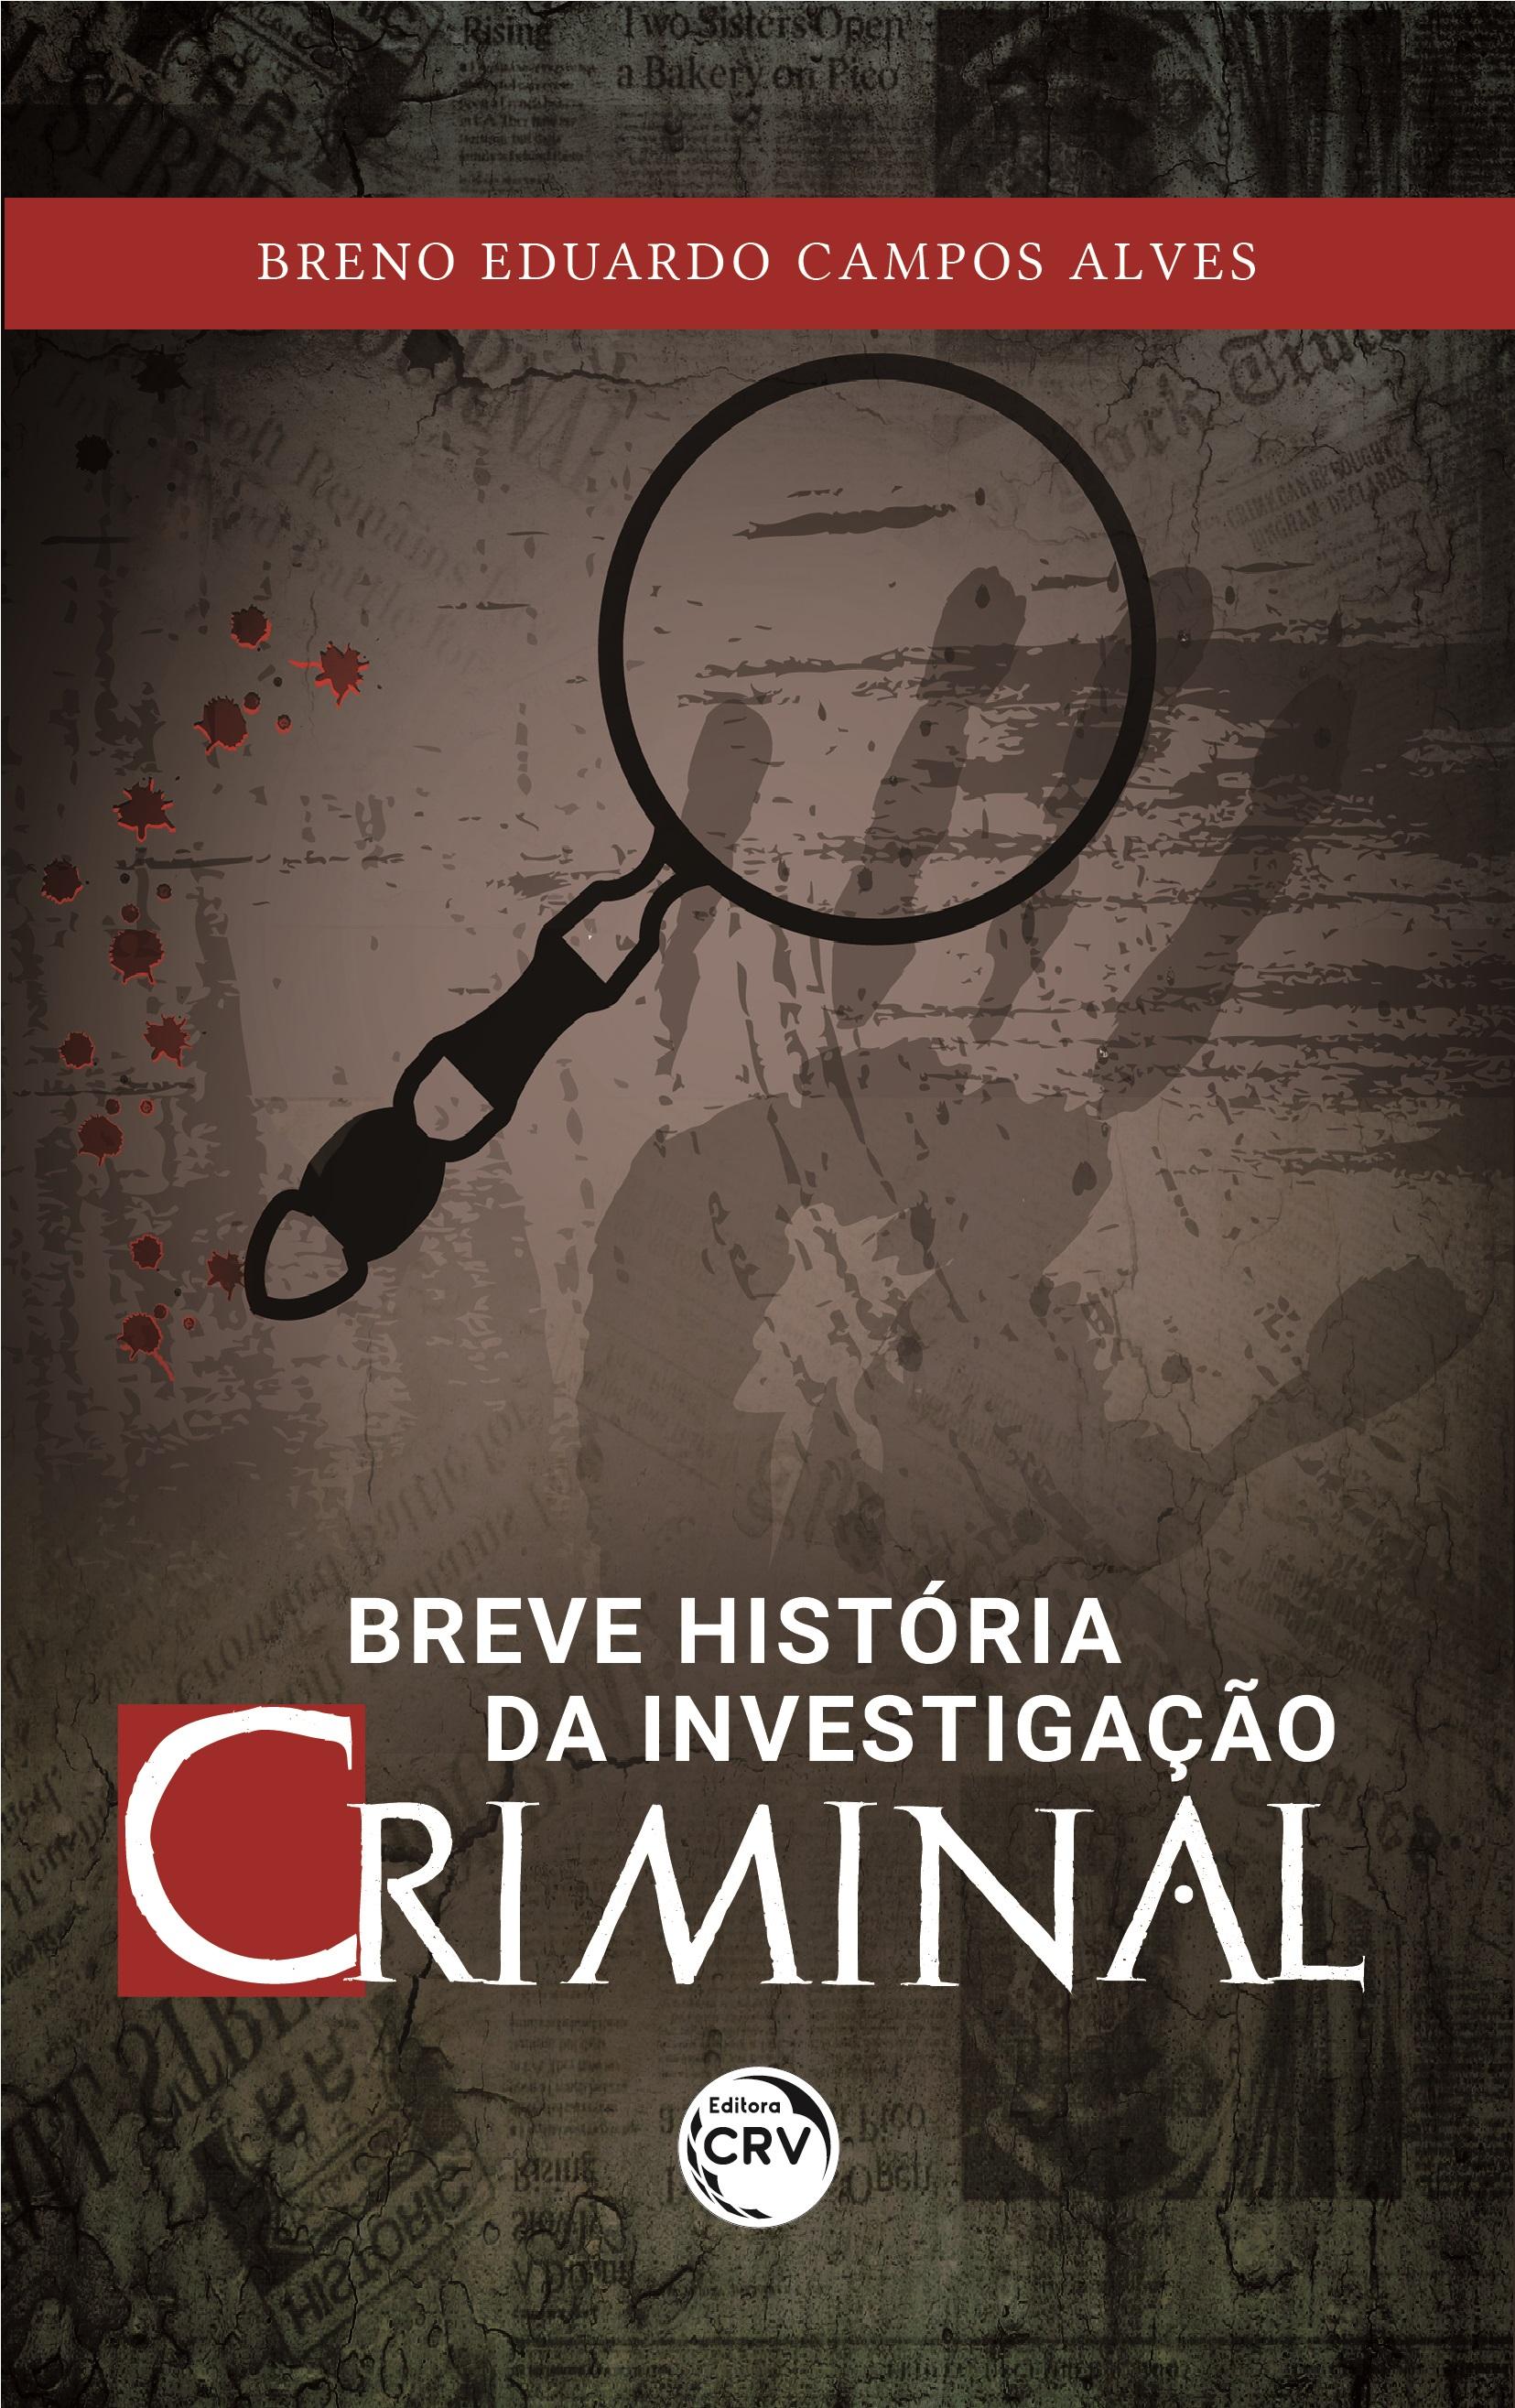 Capa do livro: BREVE HISTÓRIA DA INVESTIGAÇÃO CRIMINAL